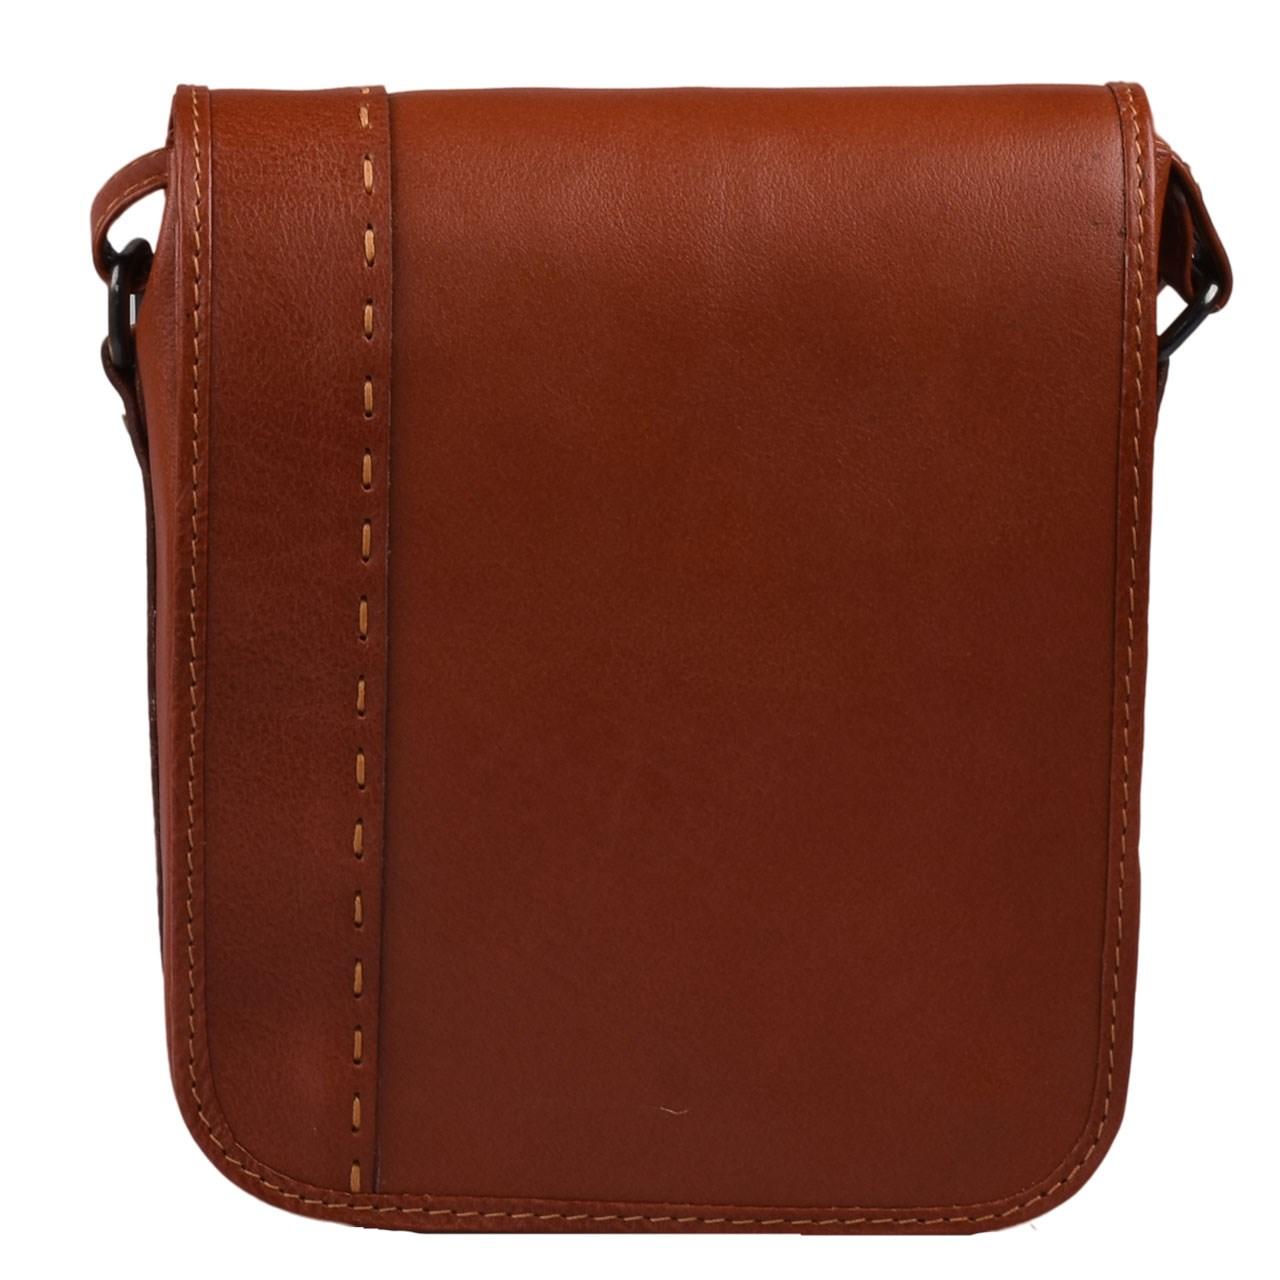 کیف دوشی چرم طبیعی کهن چرم مدل V103